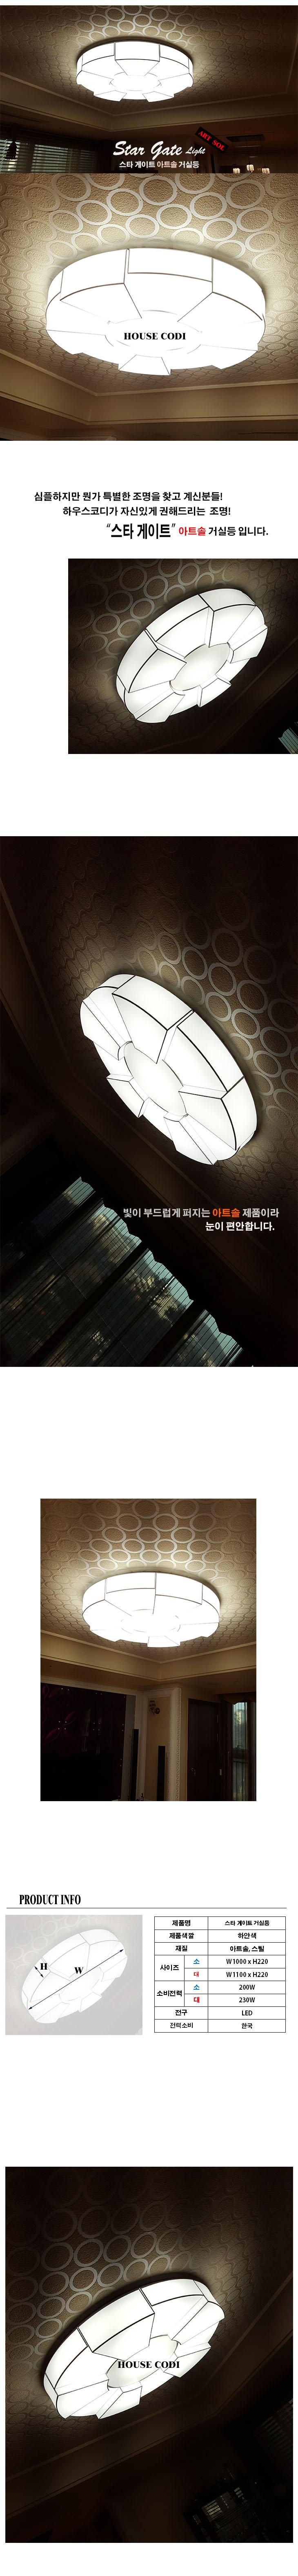 LED 스타 게이트 아트솔 거실등 - 하우스코디, 1,950,000원, 리빙조명, 방등/천장등